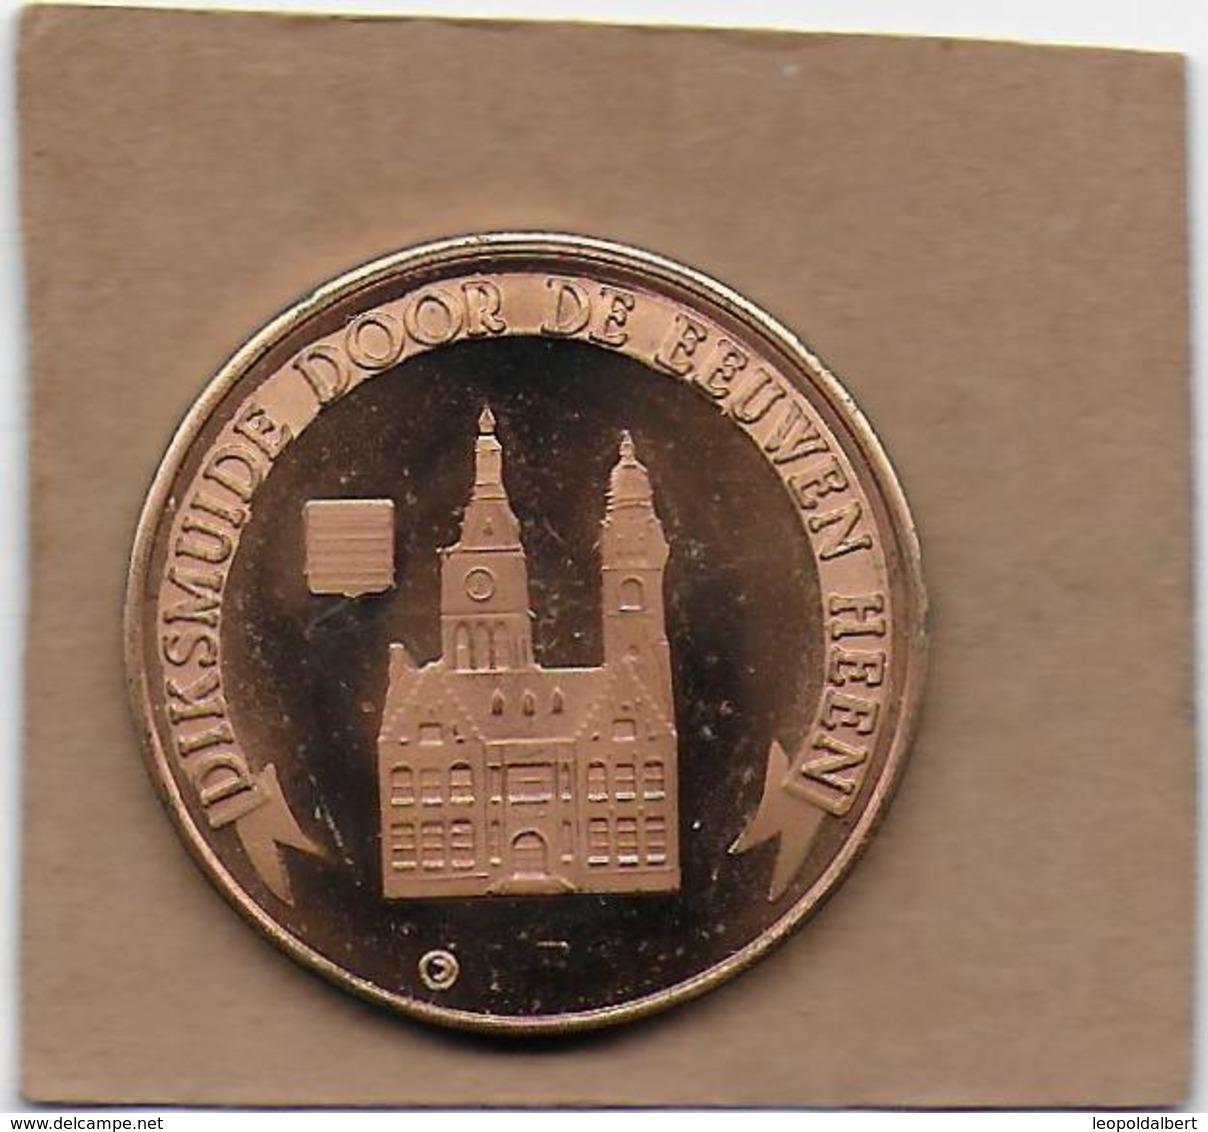 100 LAMMERE 1982 DIKSMUIDE DOOR DE EEUWEN HEEN - Gemeentepenningen